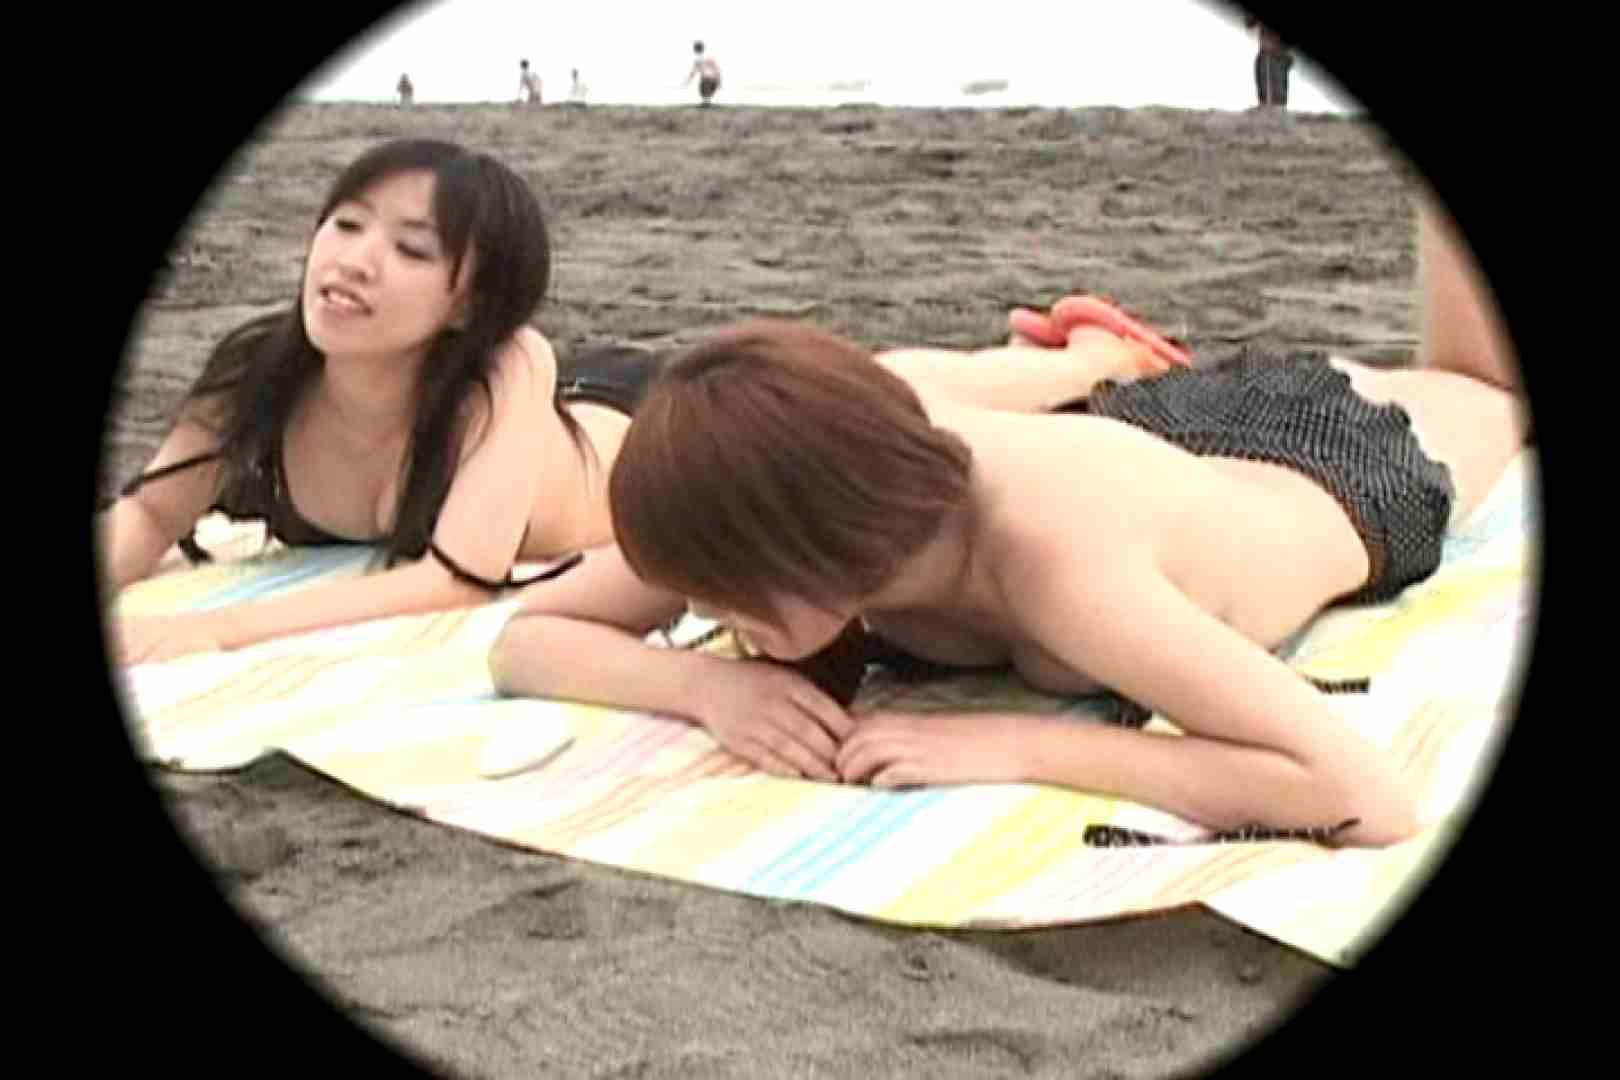 ビーチで発見!!はしゃぎ過ぎポロリギャルVol.4 おっぱい のぞき動画画像 102PICs 5